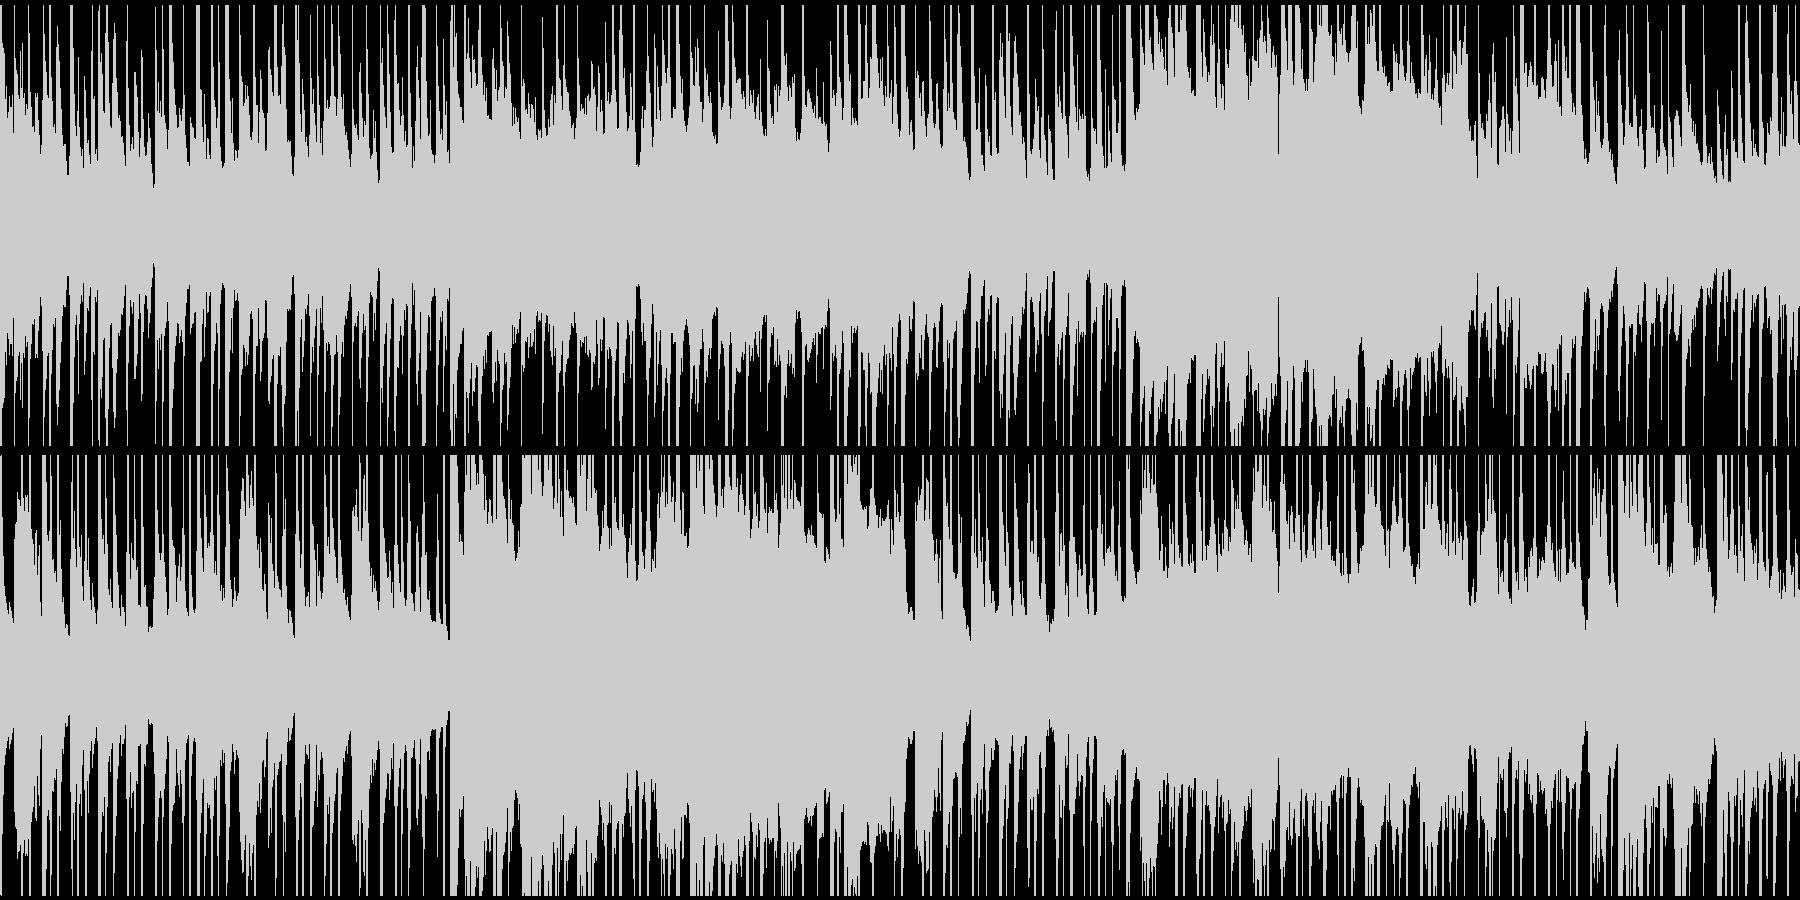 中東テイストのBGM(ループ)の未再生の波形